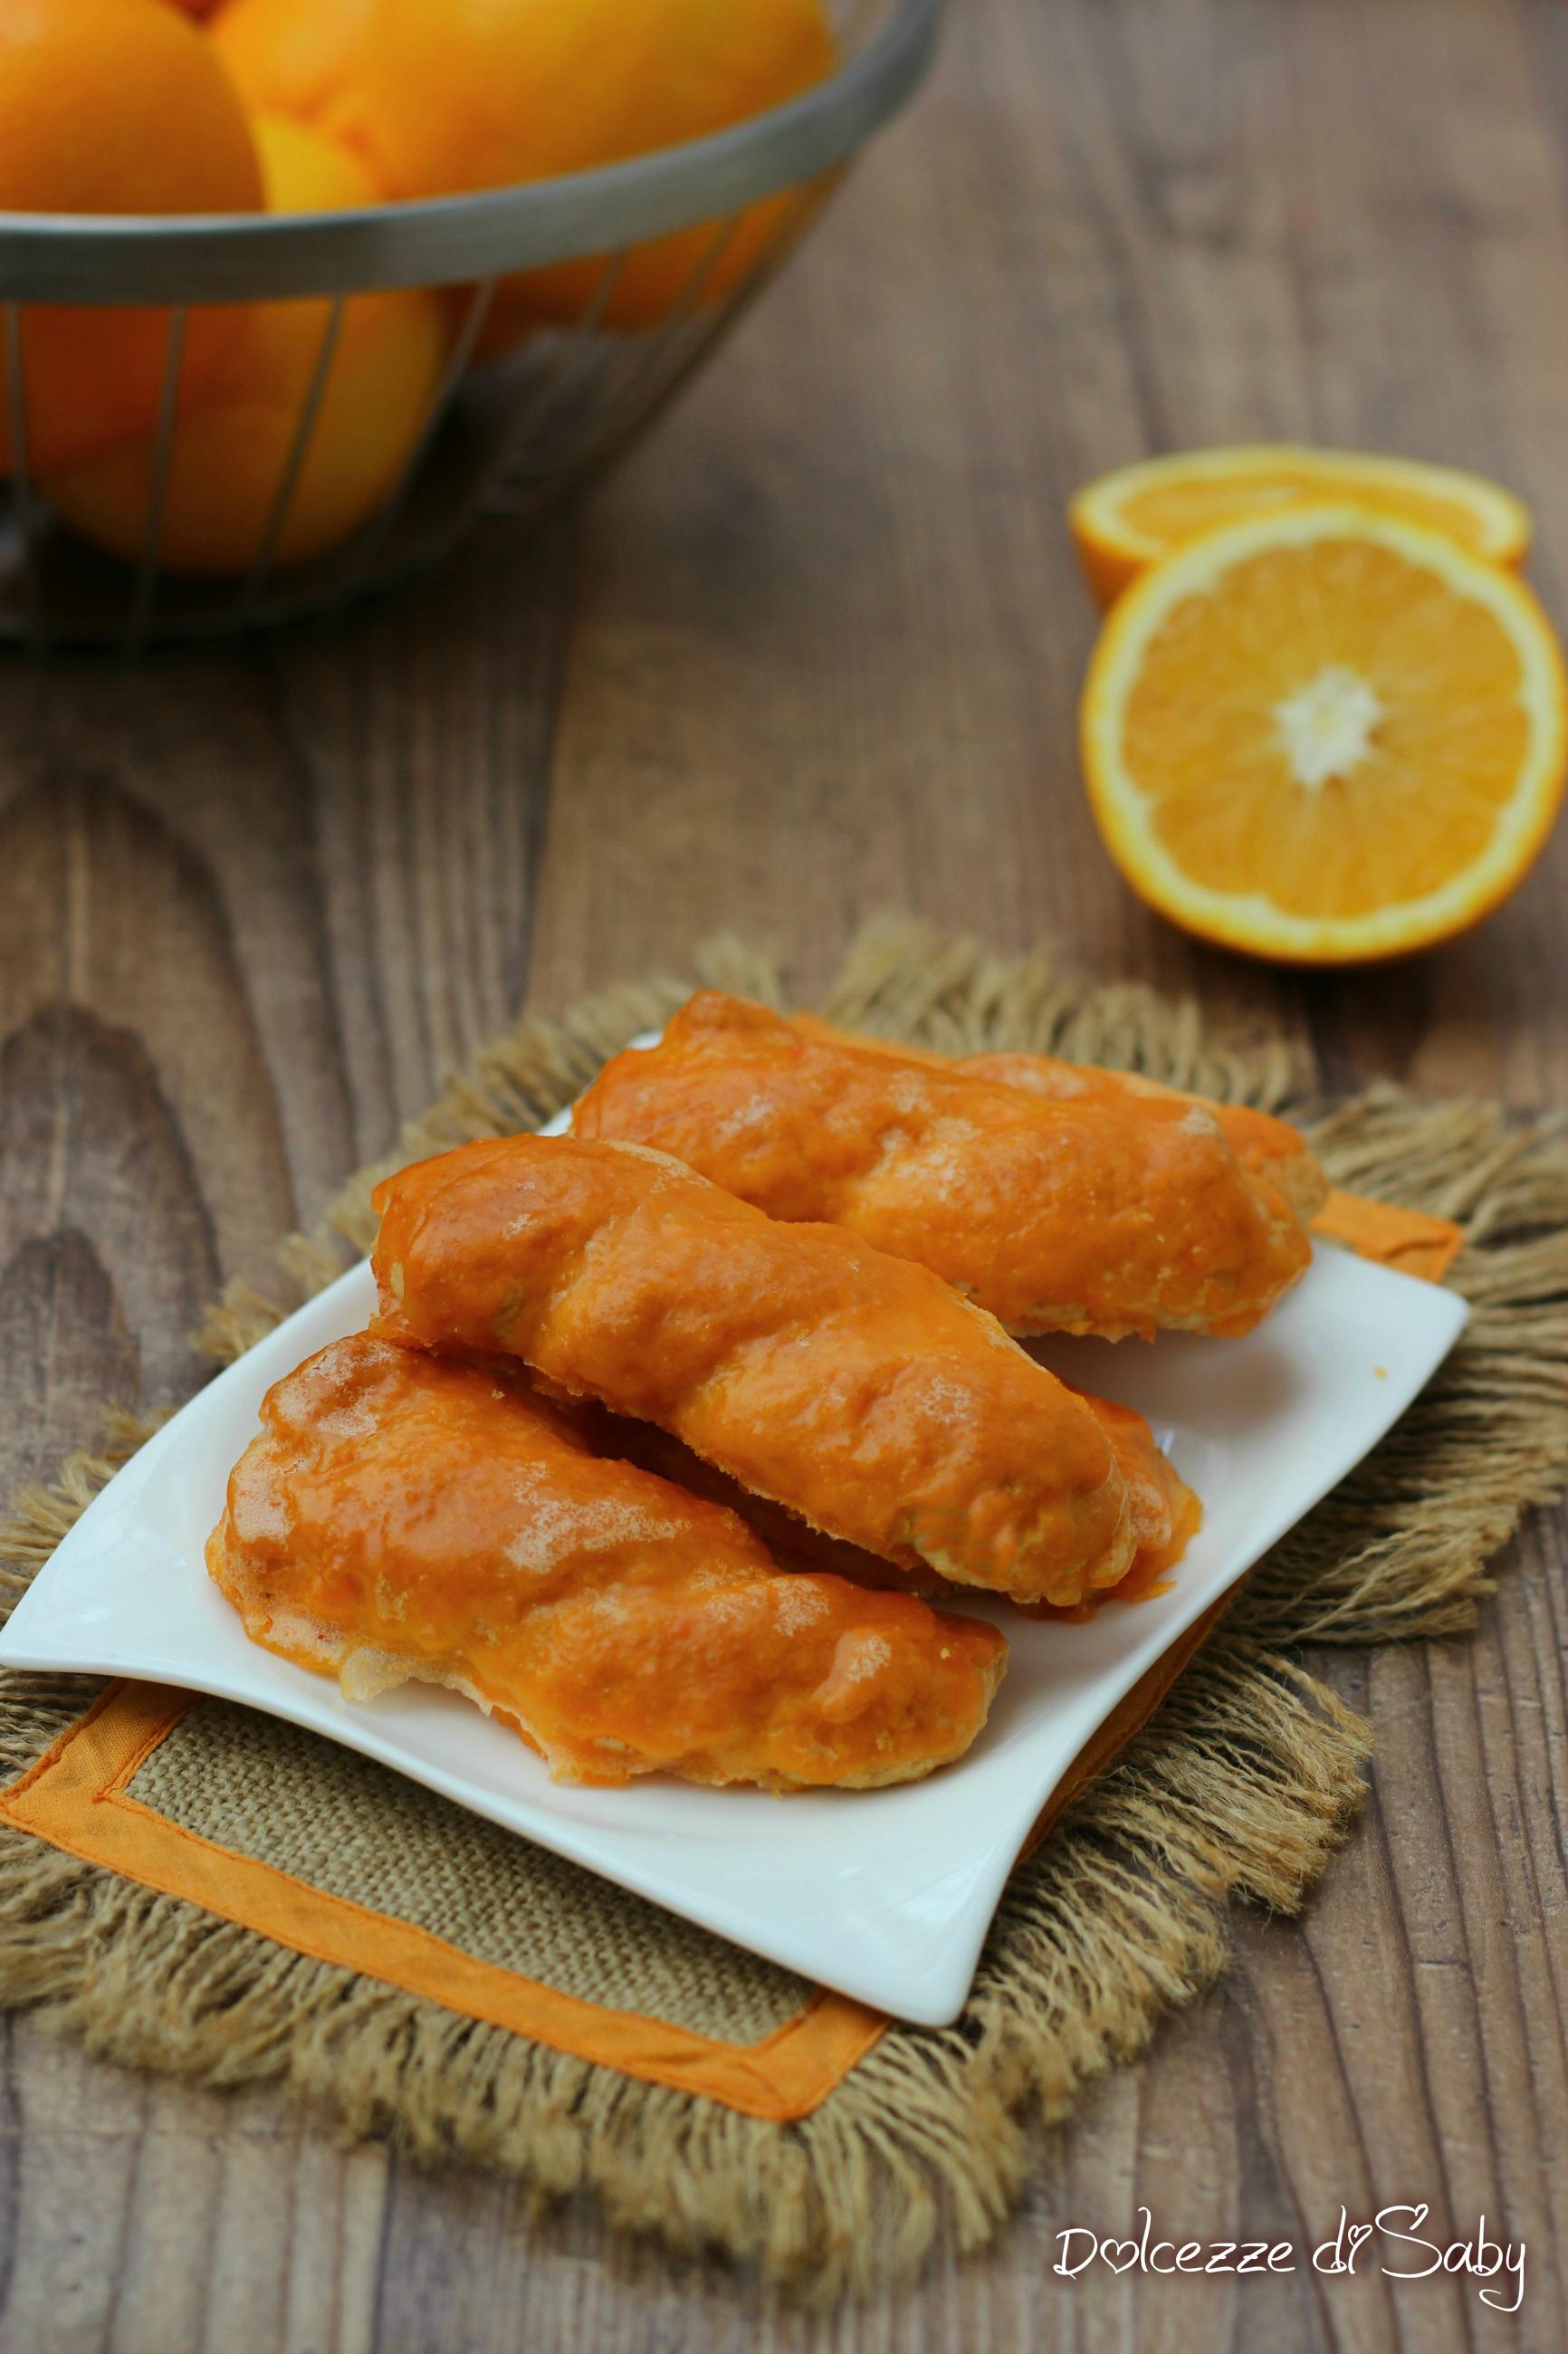 taralli siciliani all'arancia